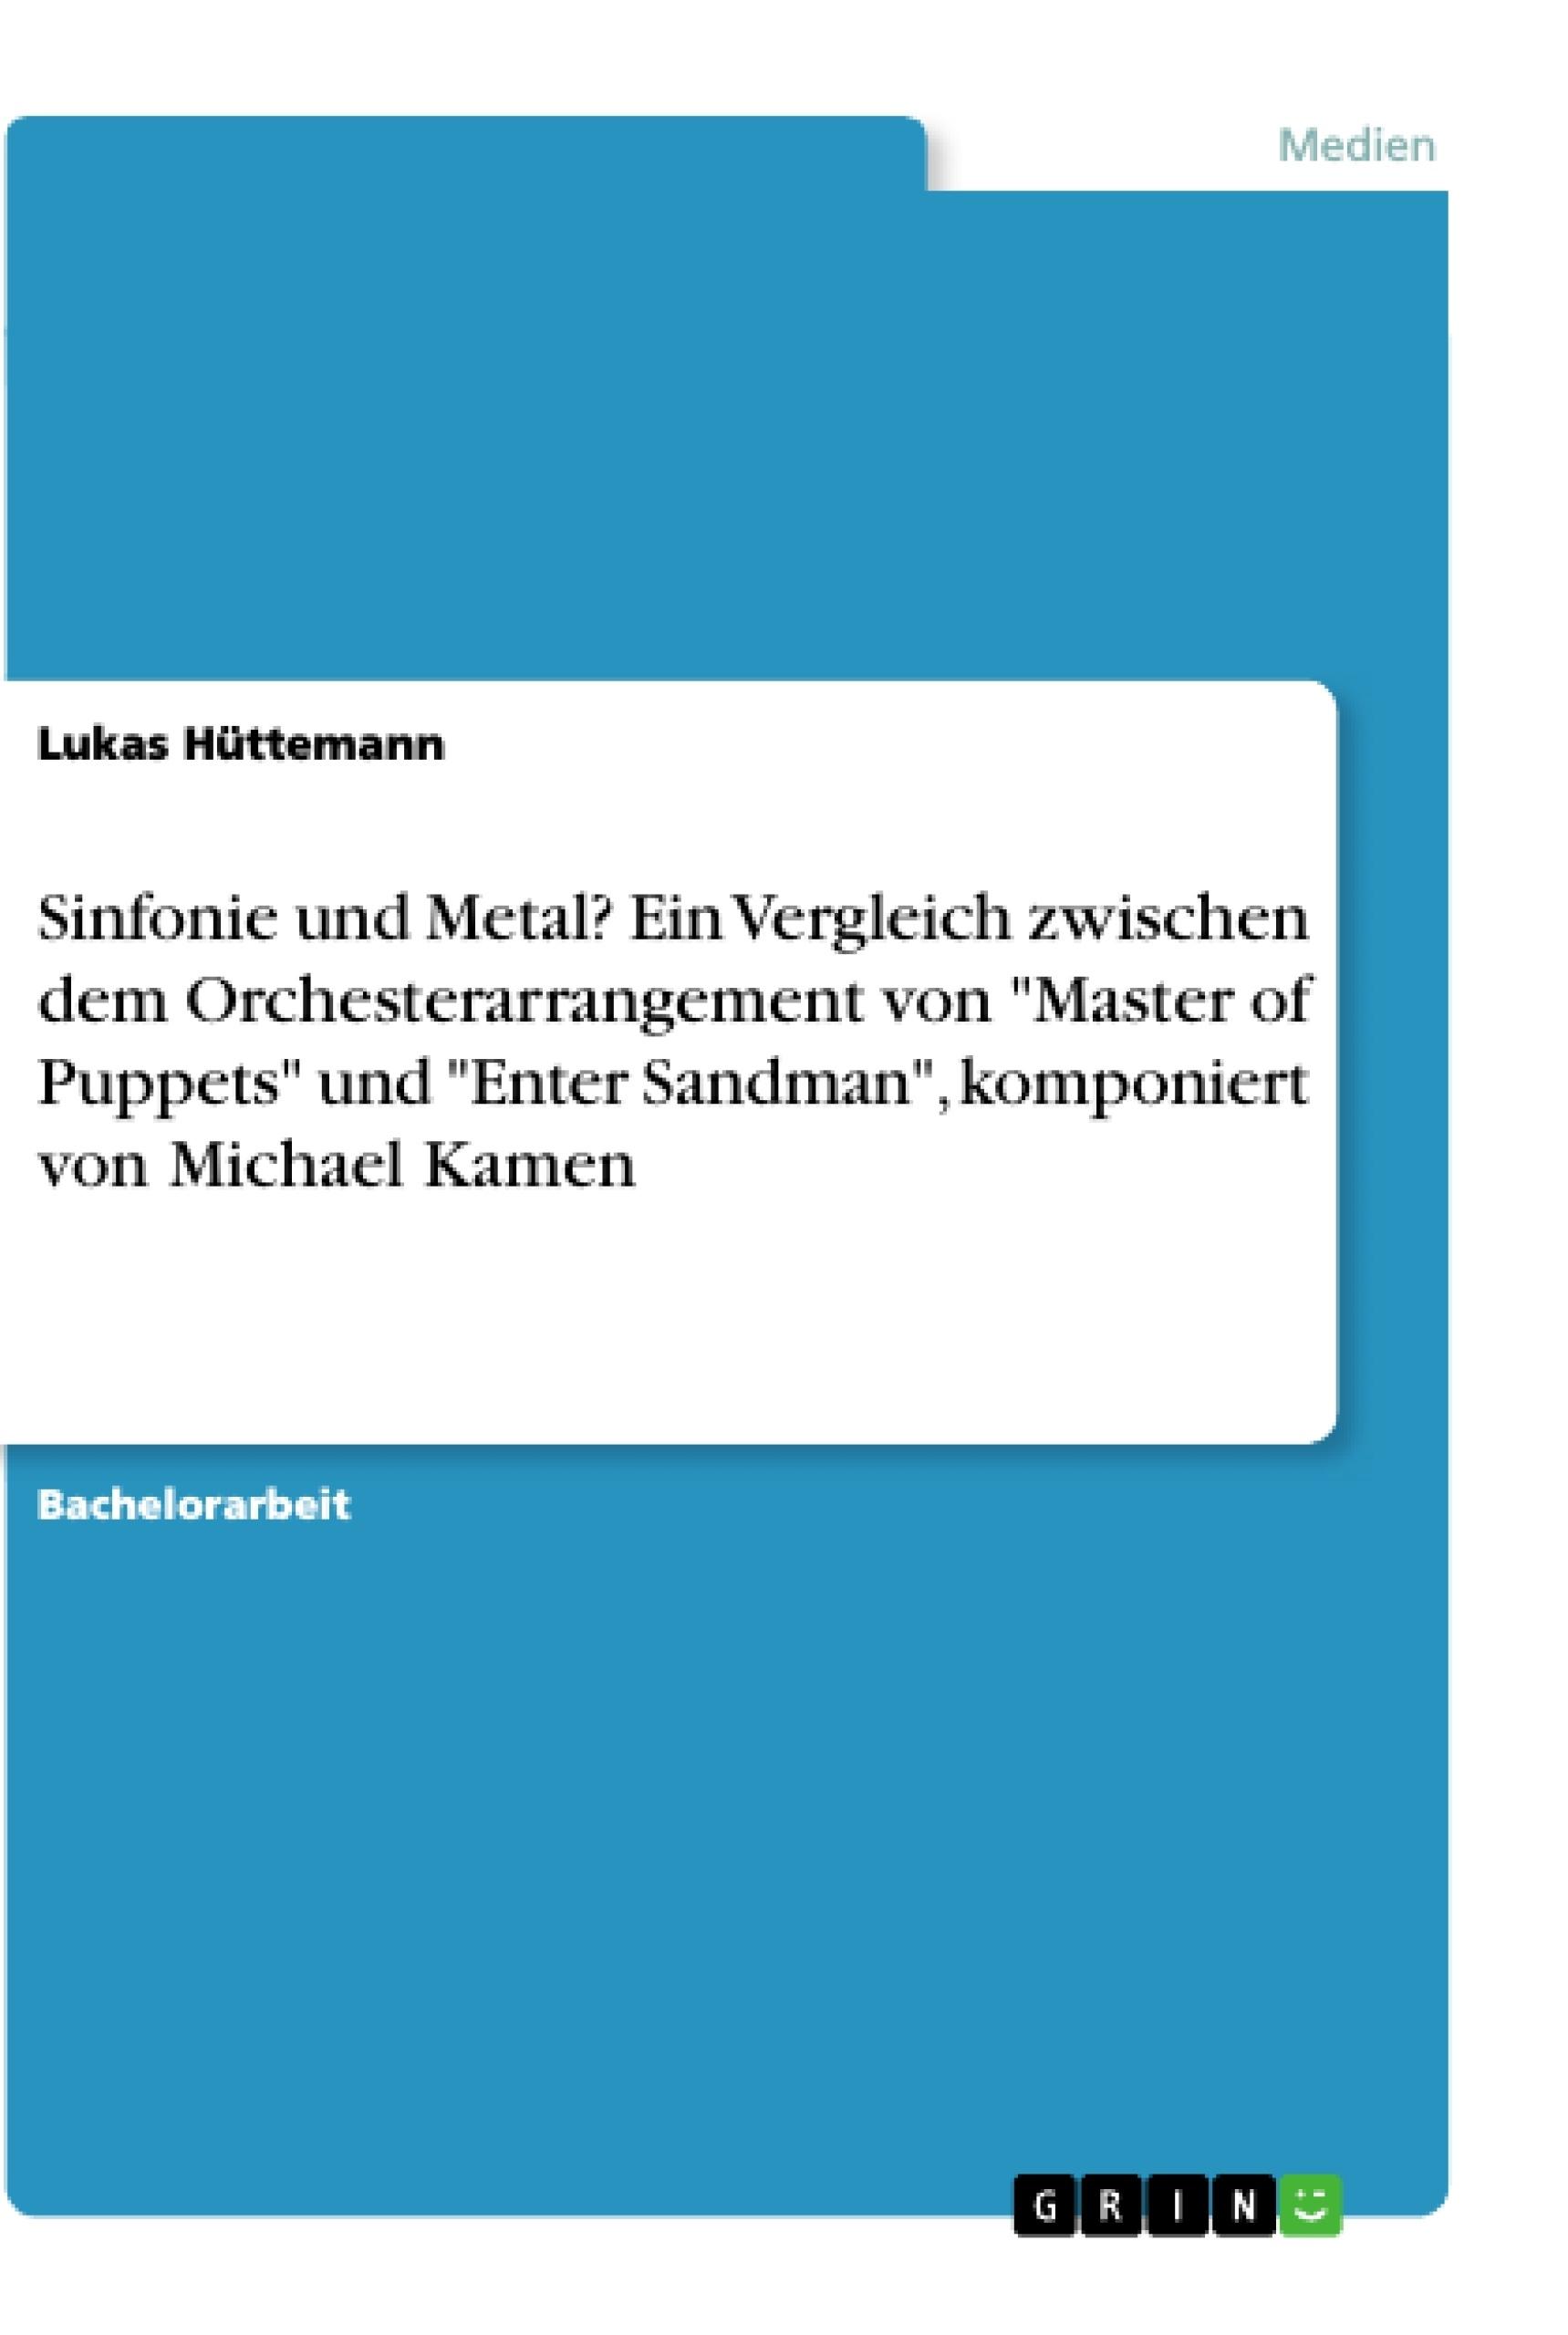 """Titel: Sinfonie und Metal? Ein Vergleich zwischen dem Orchesterarrangement von """"Master of Puppets"""" und """"Enter Sandman"""", komponiert von Michael Kamen"""